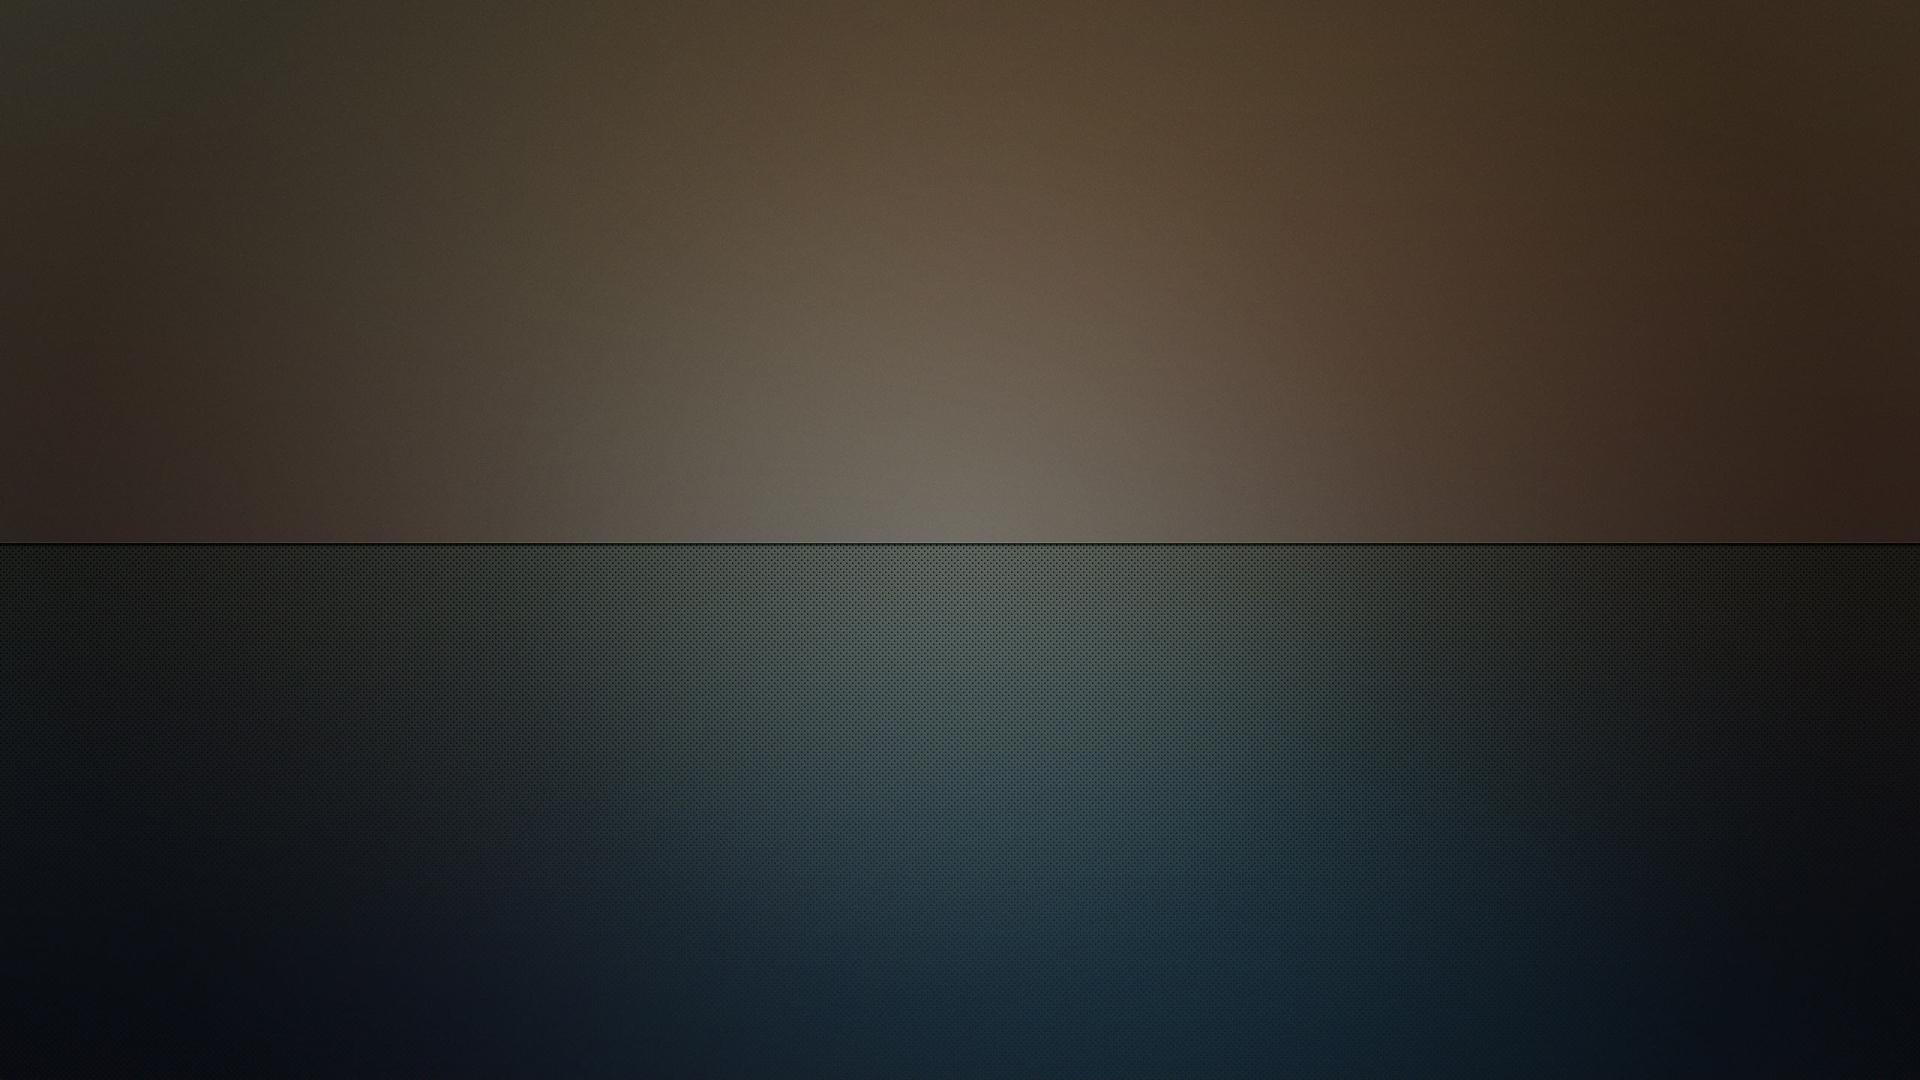 wallpapers background minimalist wallpaper mac 1920x1080 1920x1080